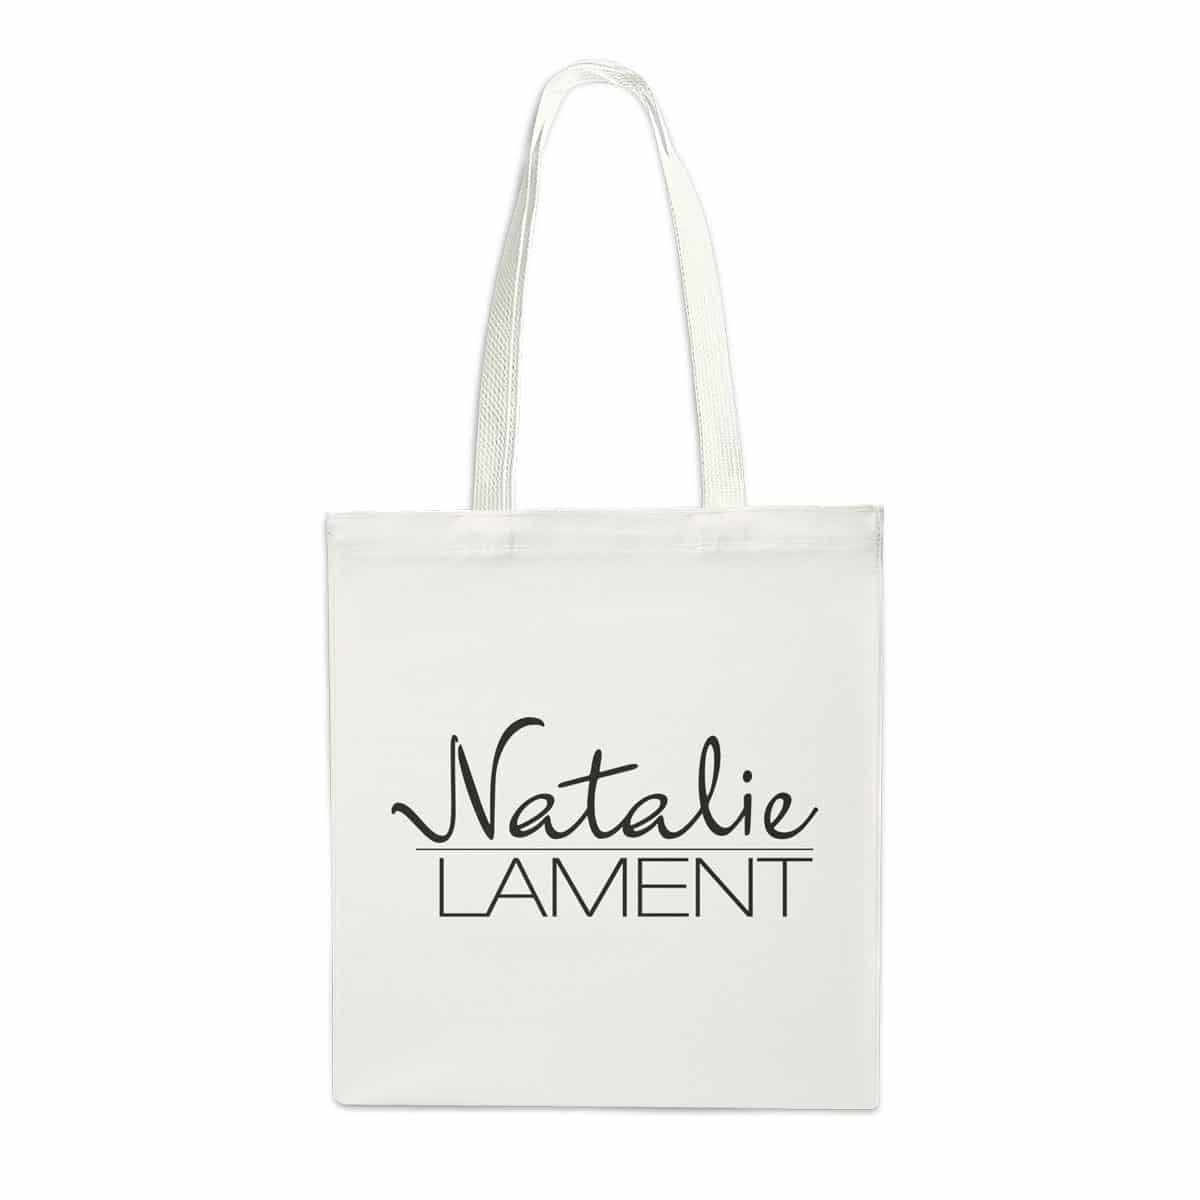 Stofftasche Natalie Lament weiß